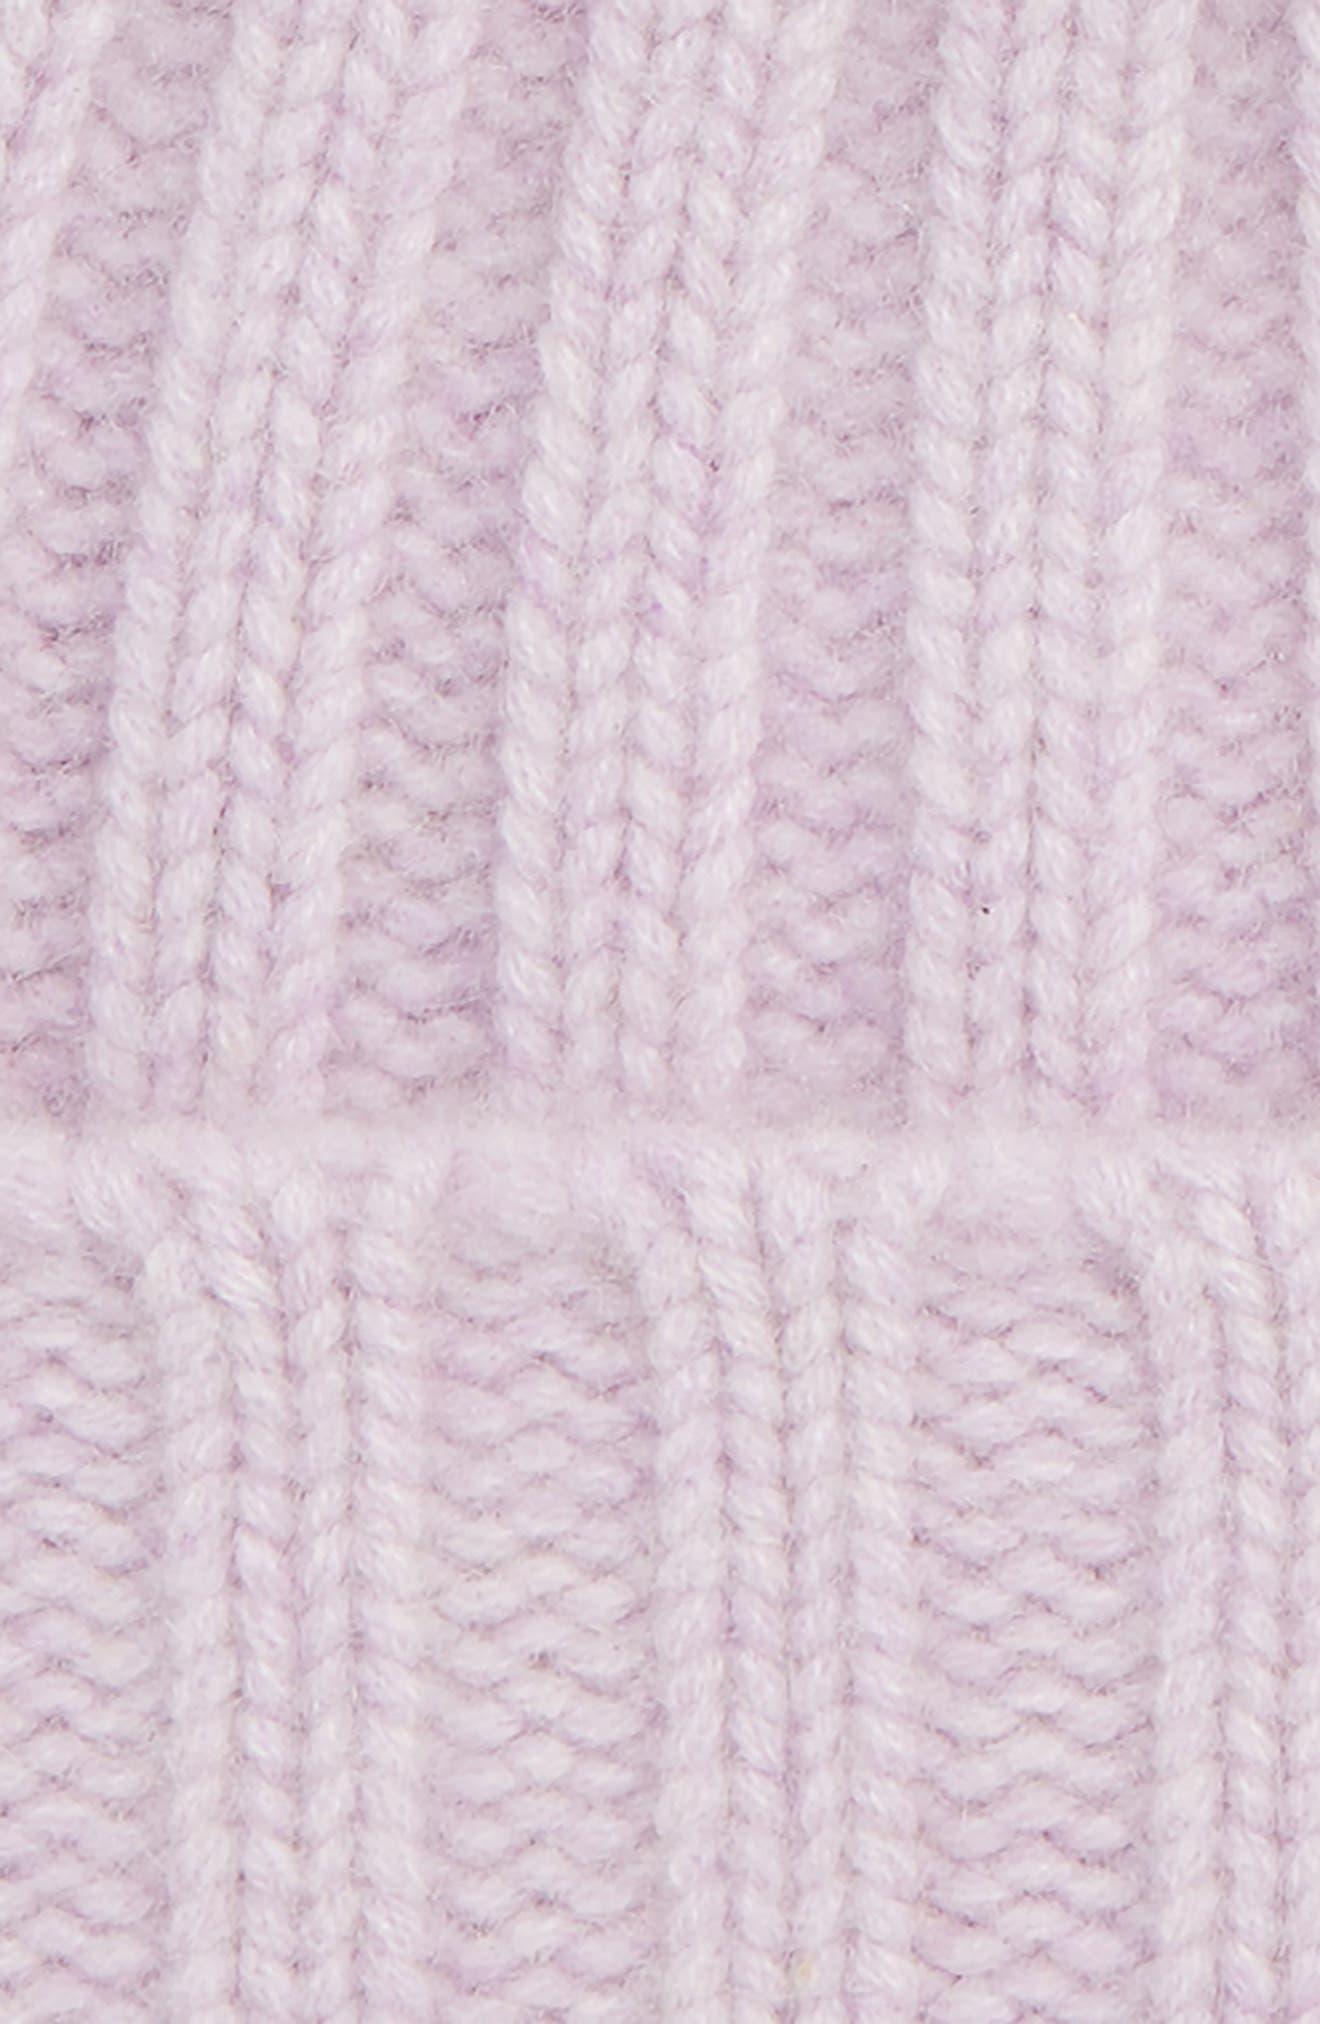 x Atlantic-Pacific Cashmere Beanie with Faux Fur Pom,                             Alternate thumbnail 3, color,                             PURPLE SECRET